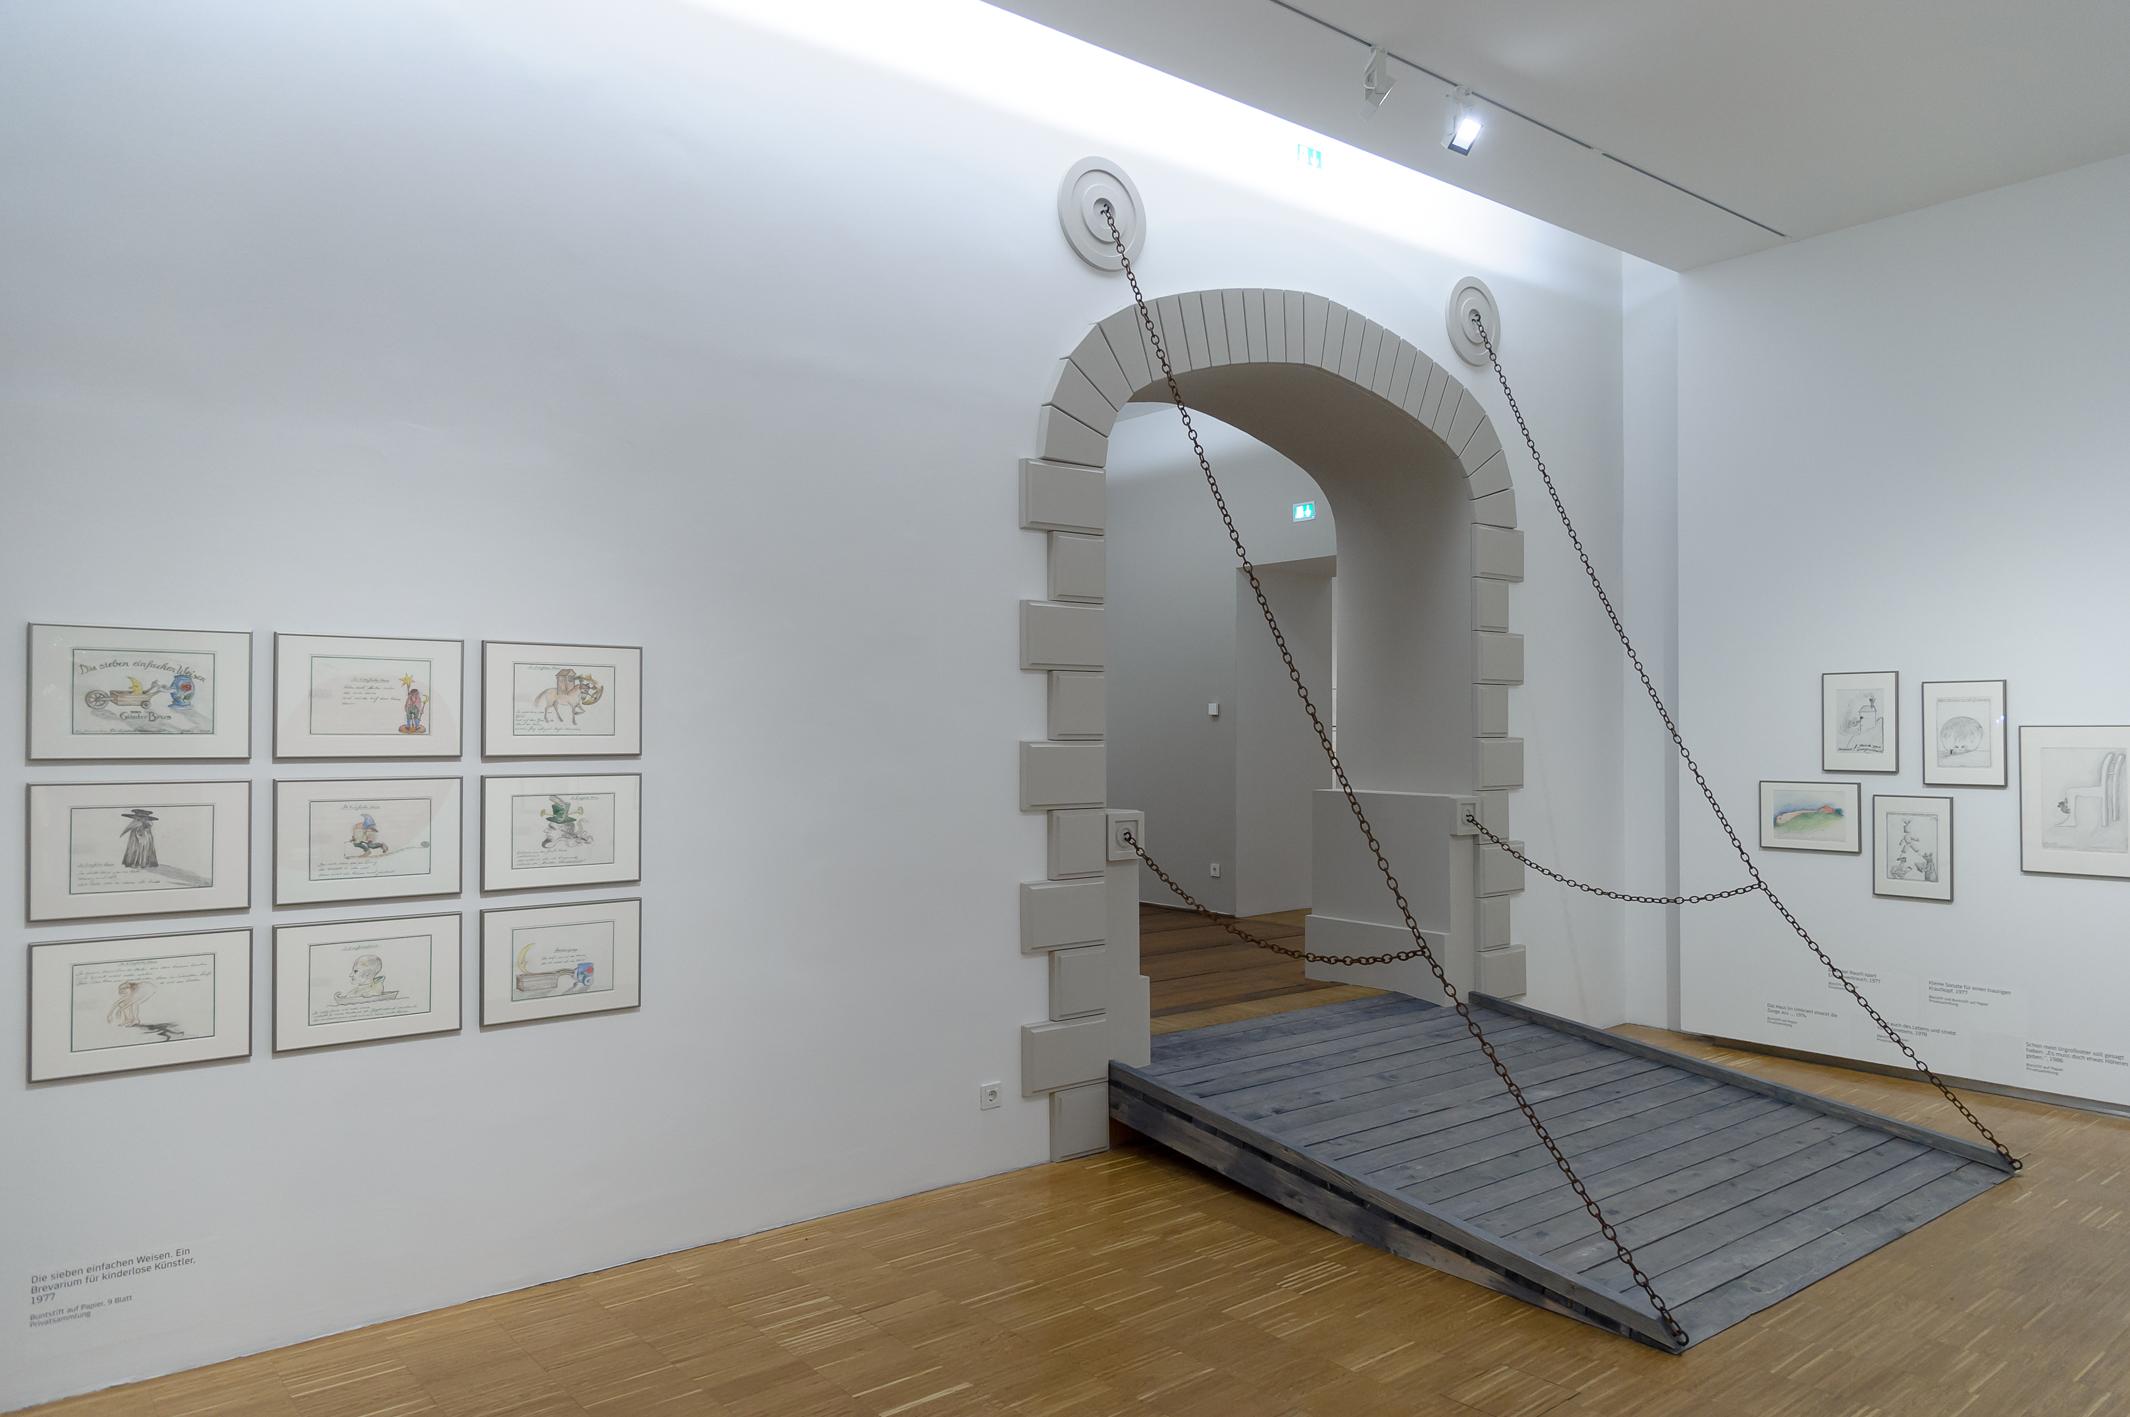 schneckenhaus-glitzerstein-bruseum-ansicht-03